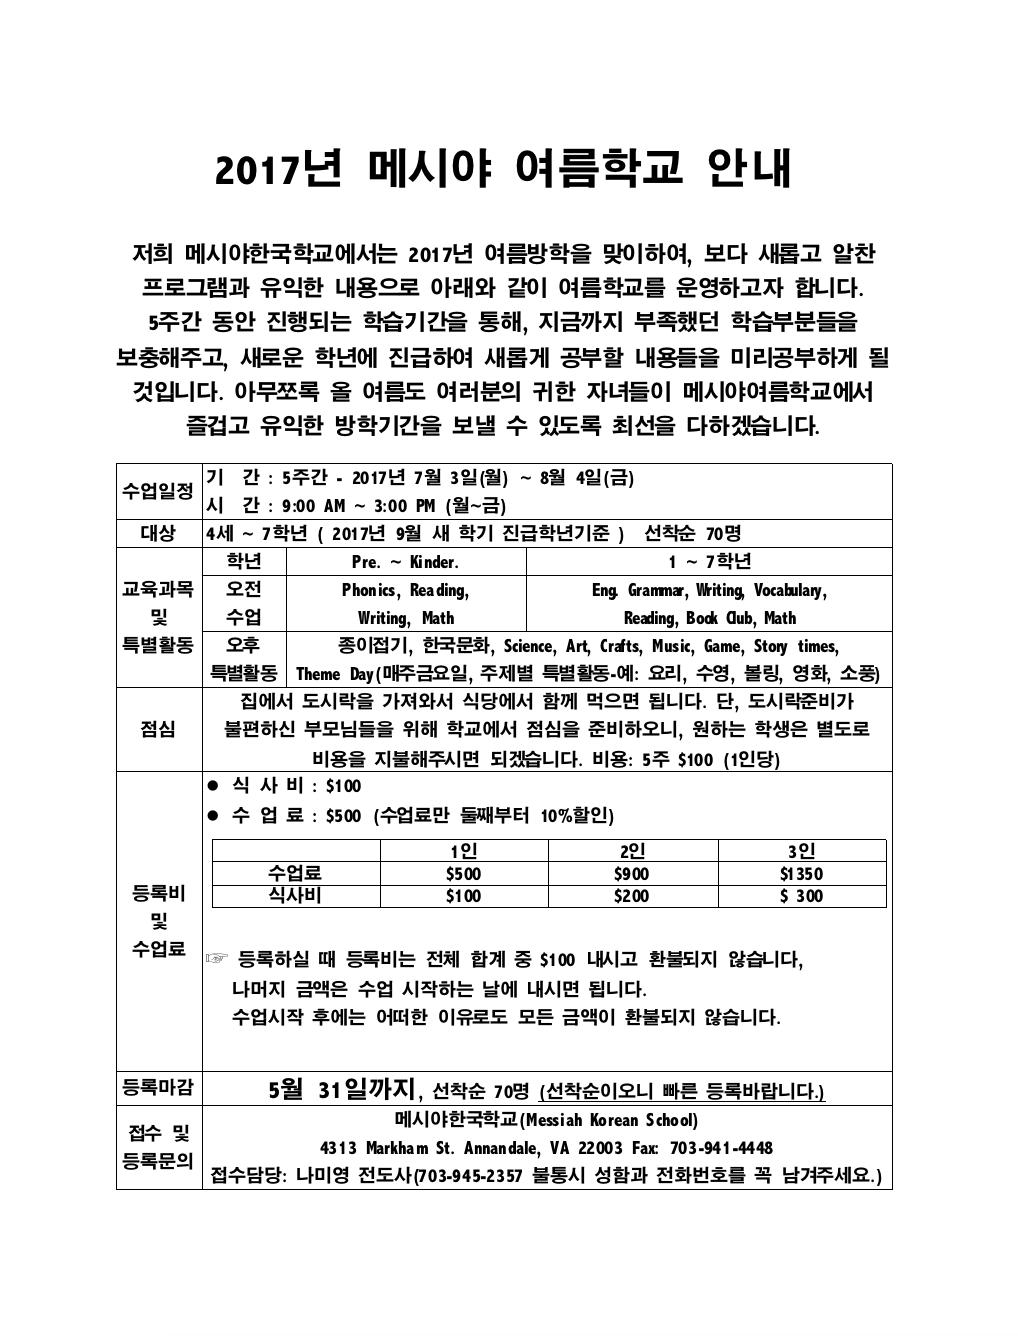 2017 메시야 여름학교 안내.png